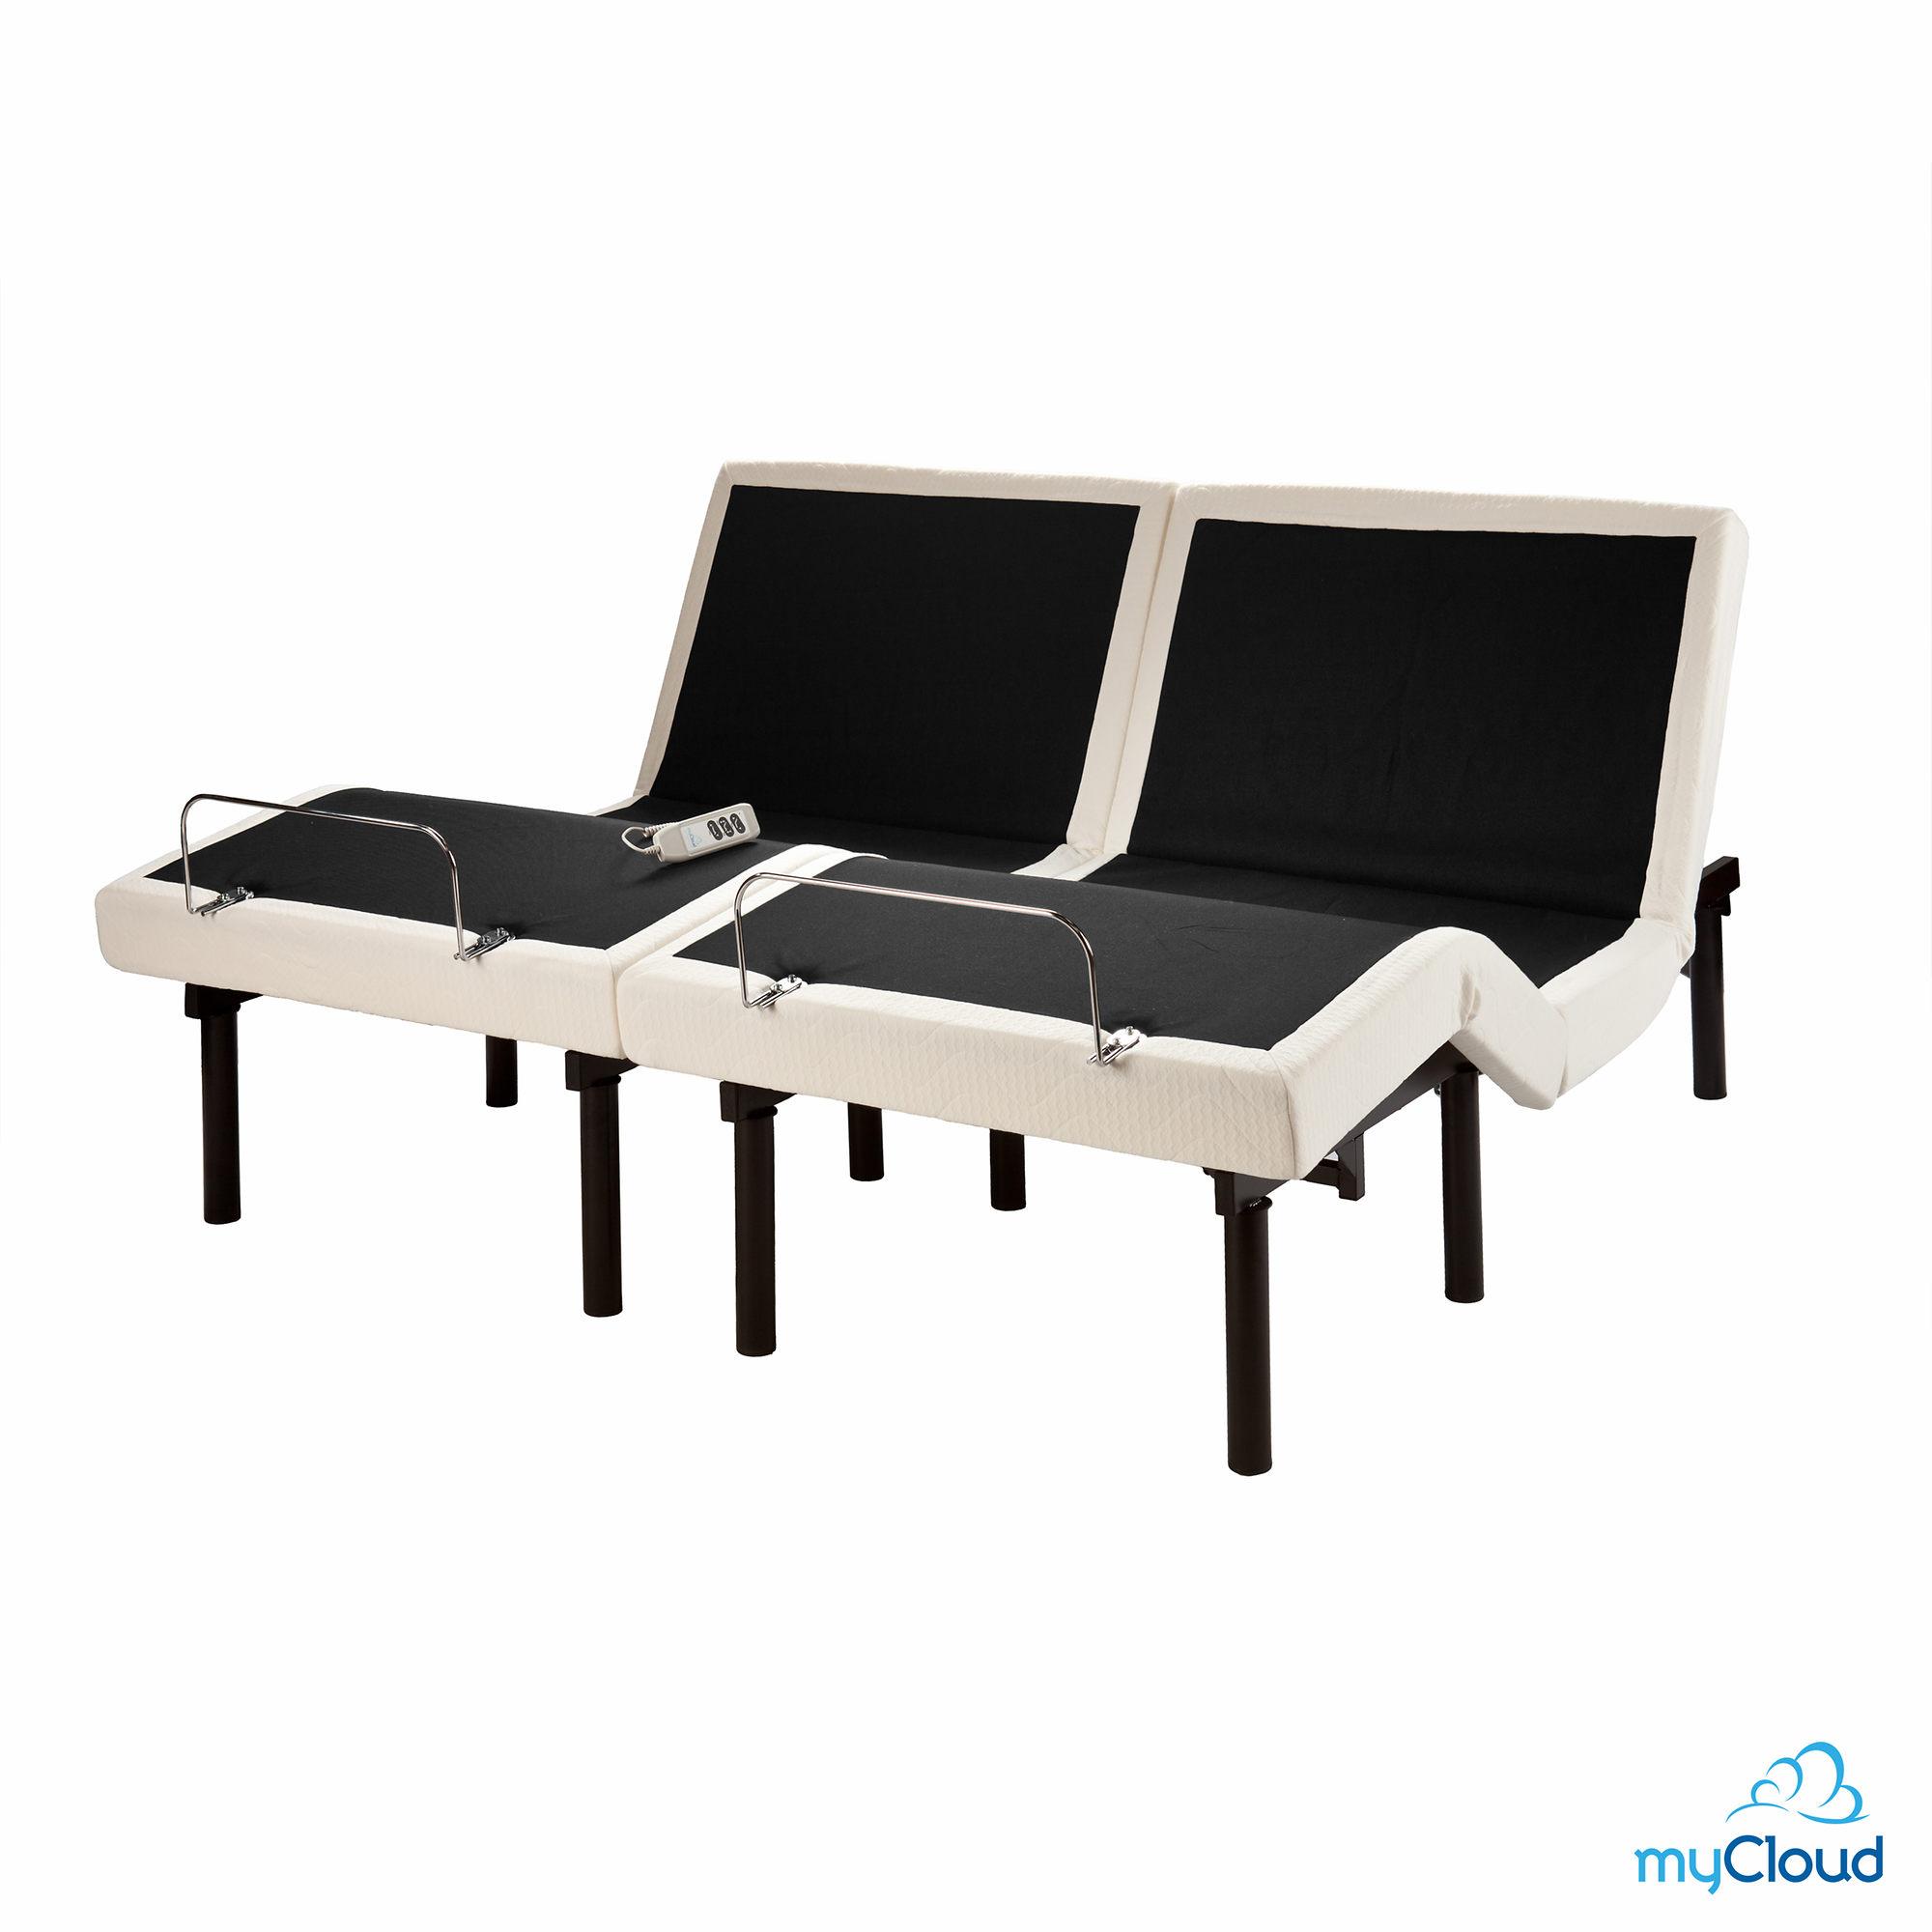 Adjustable Bed Frame California King